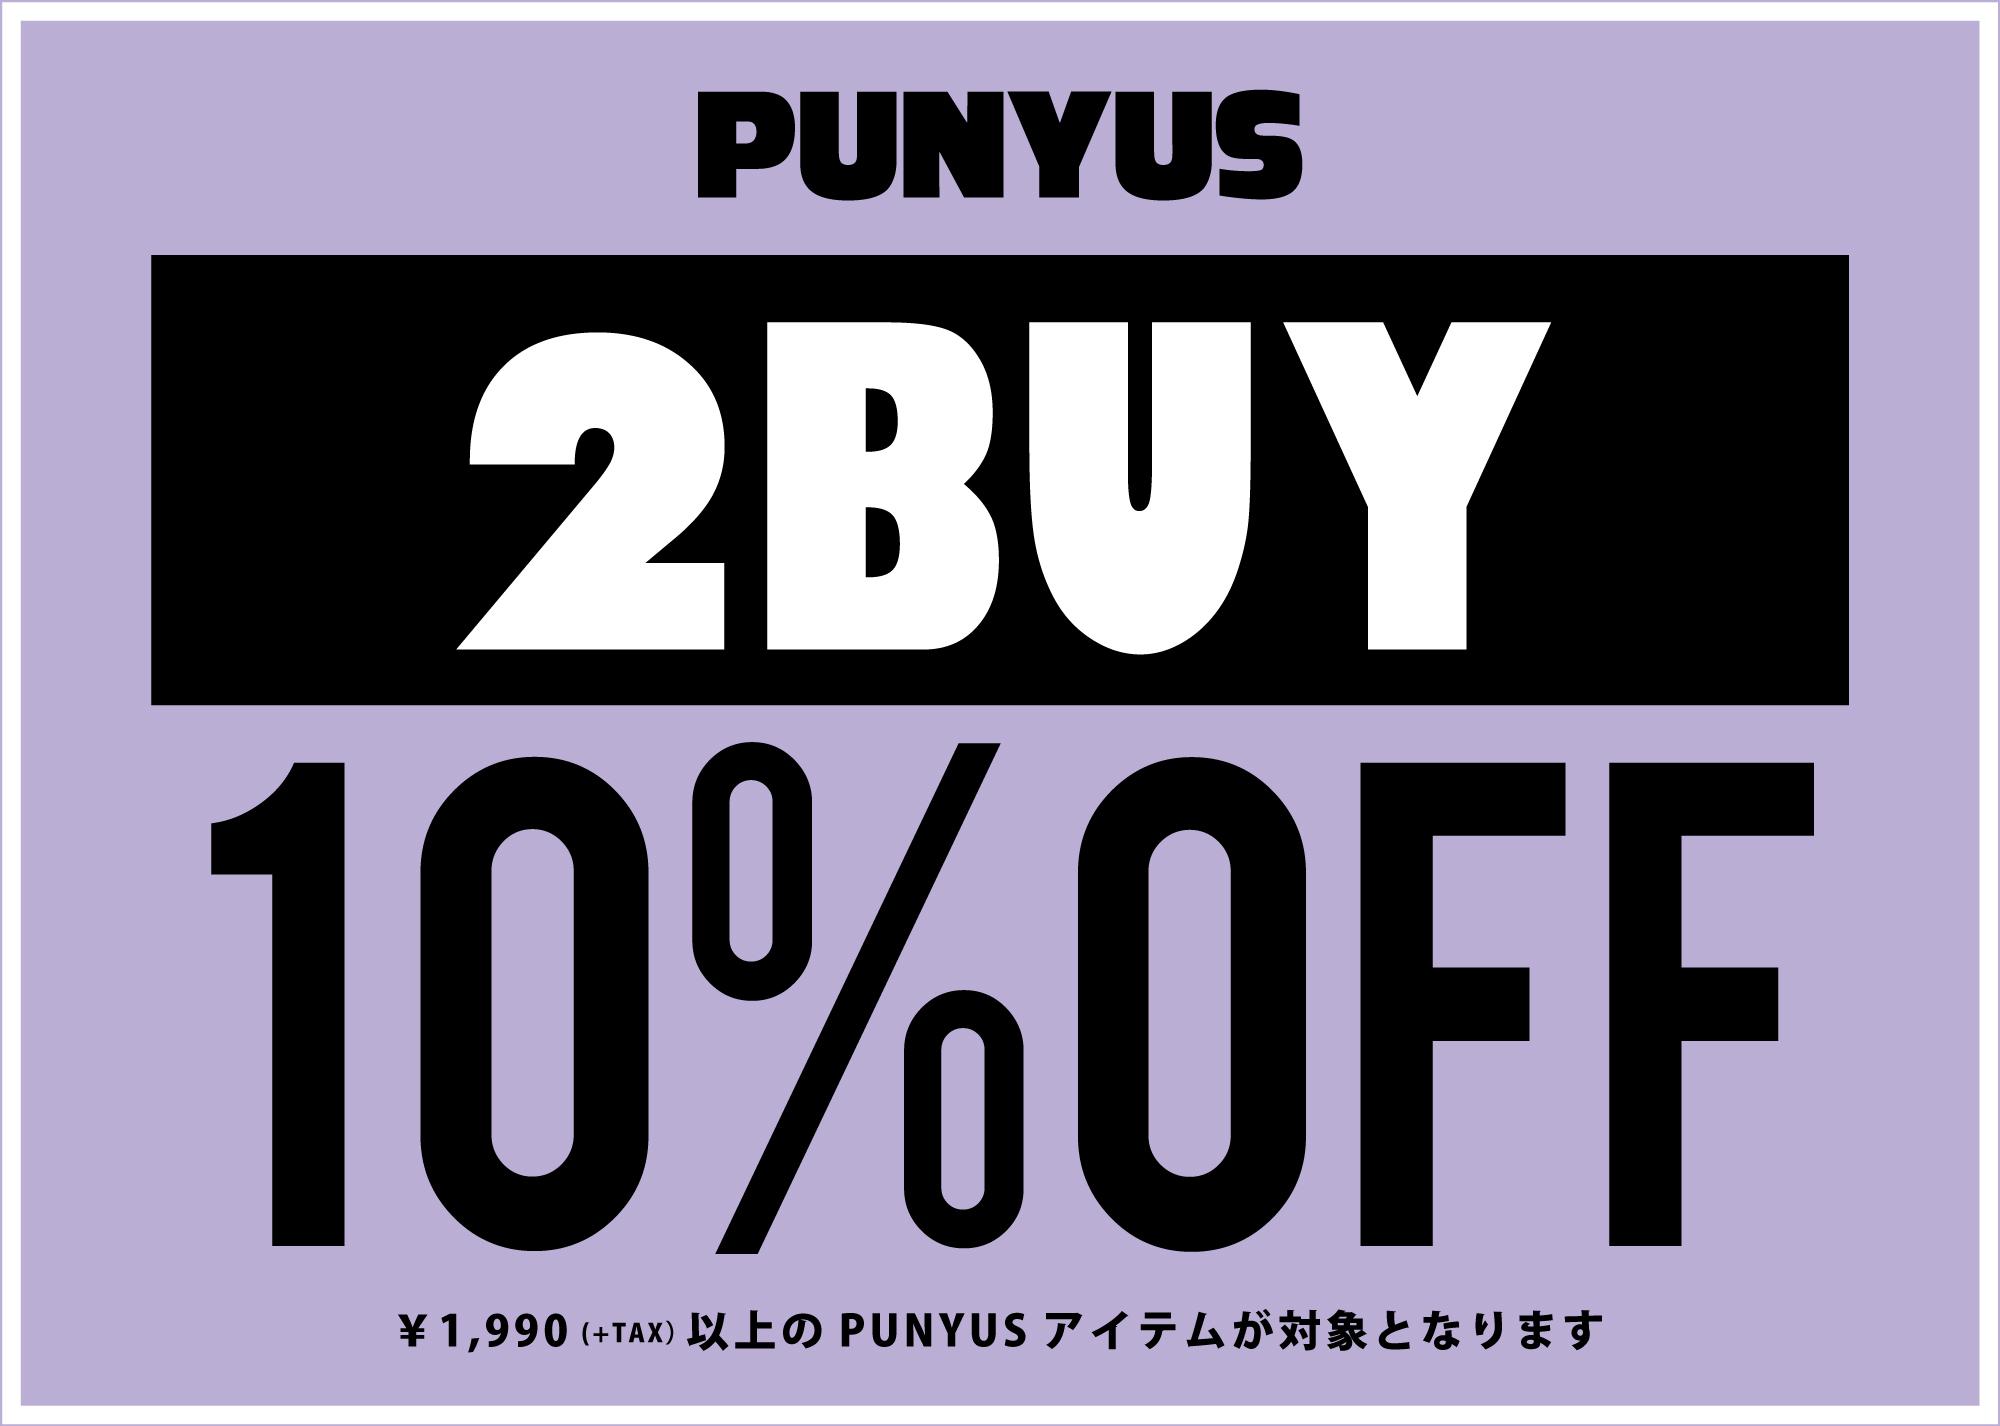 【横浜ジョイナス店】春のスーパーサンクスセール開催!